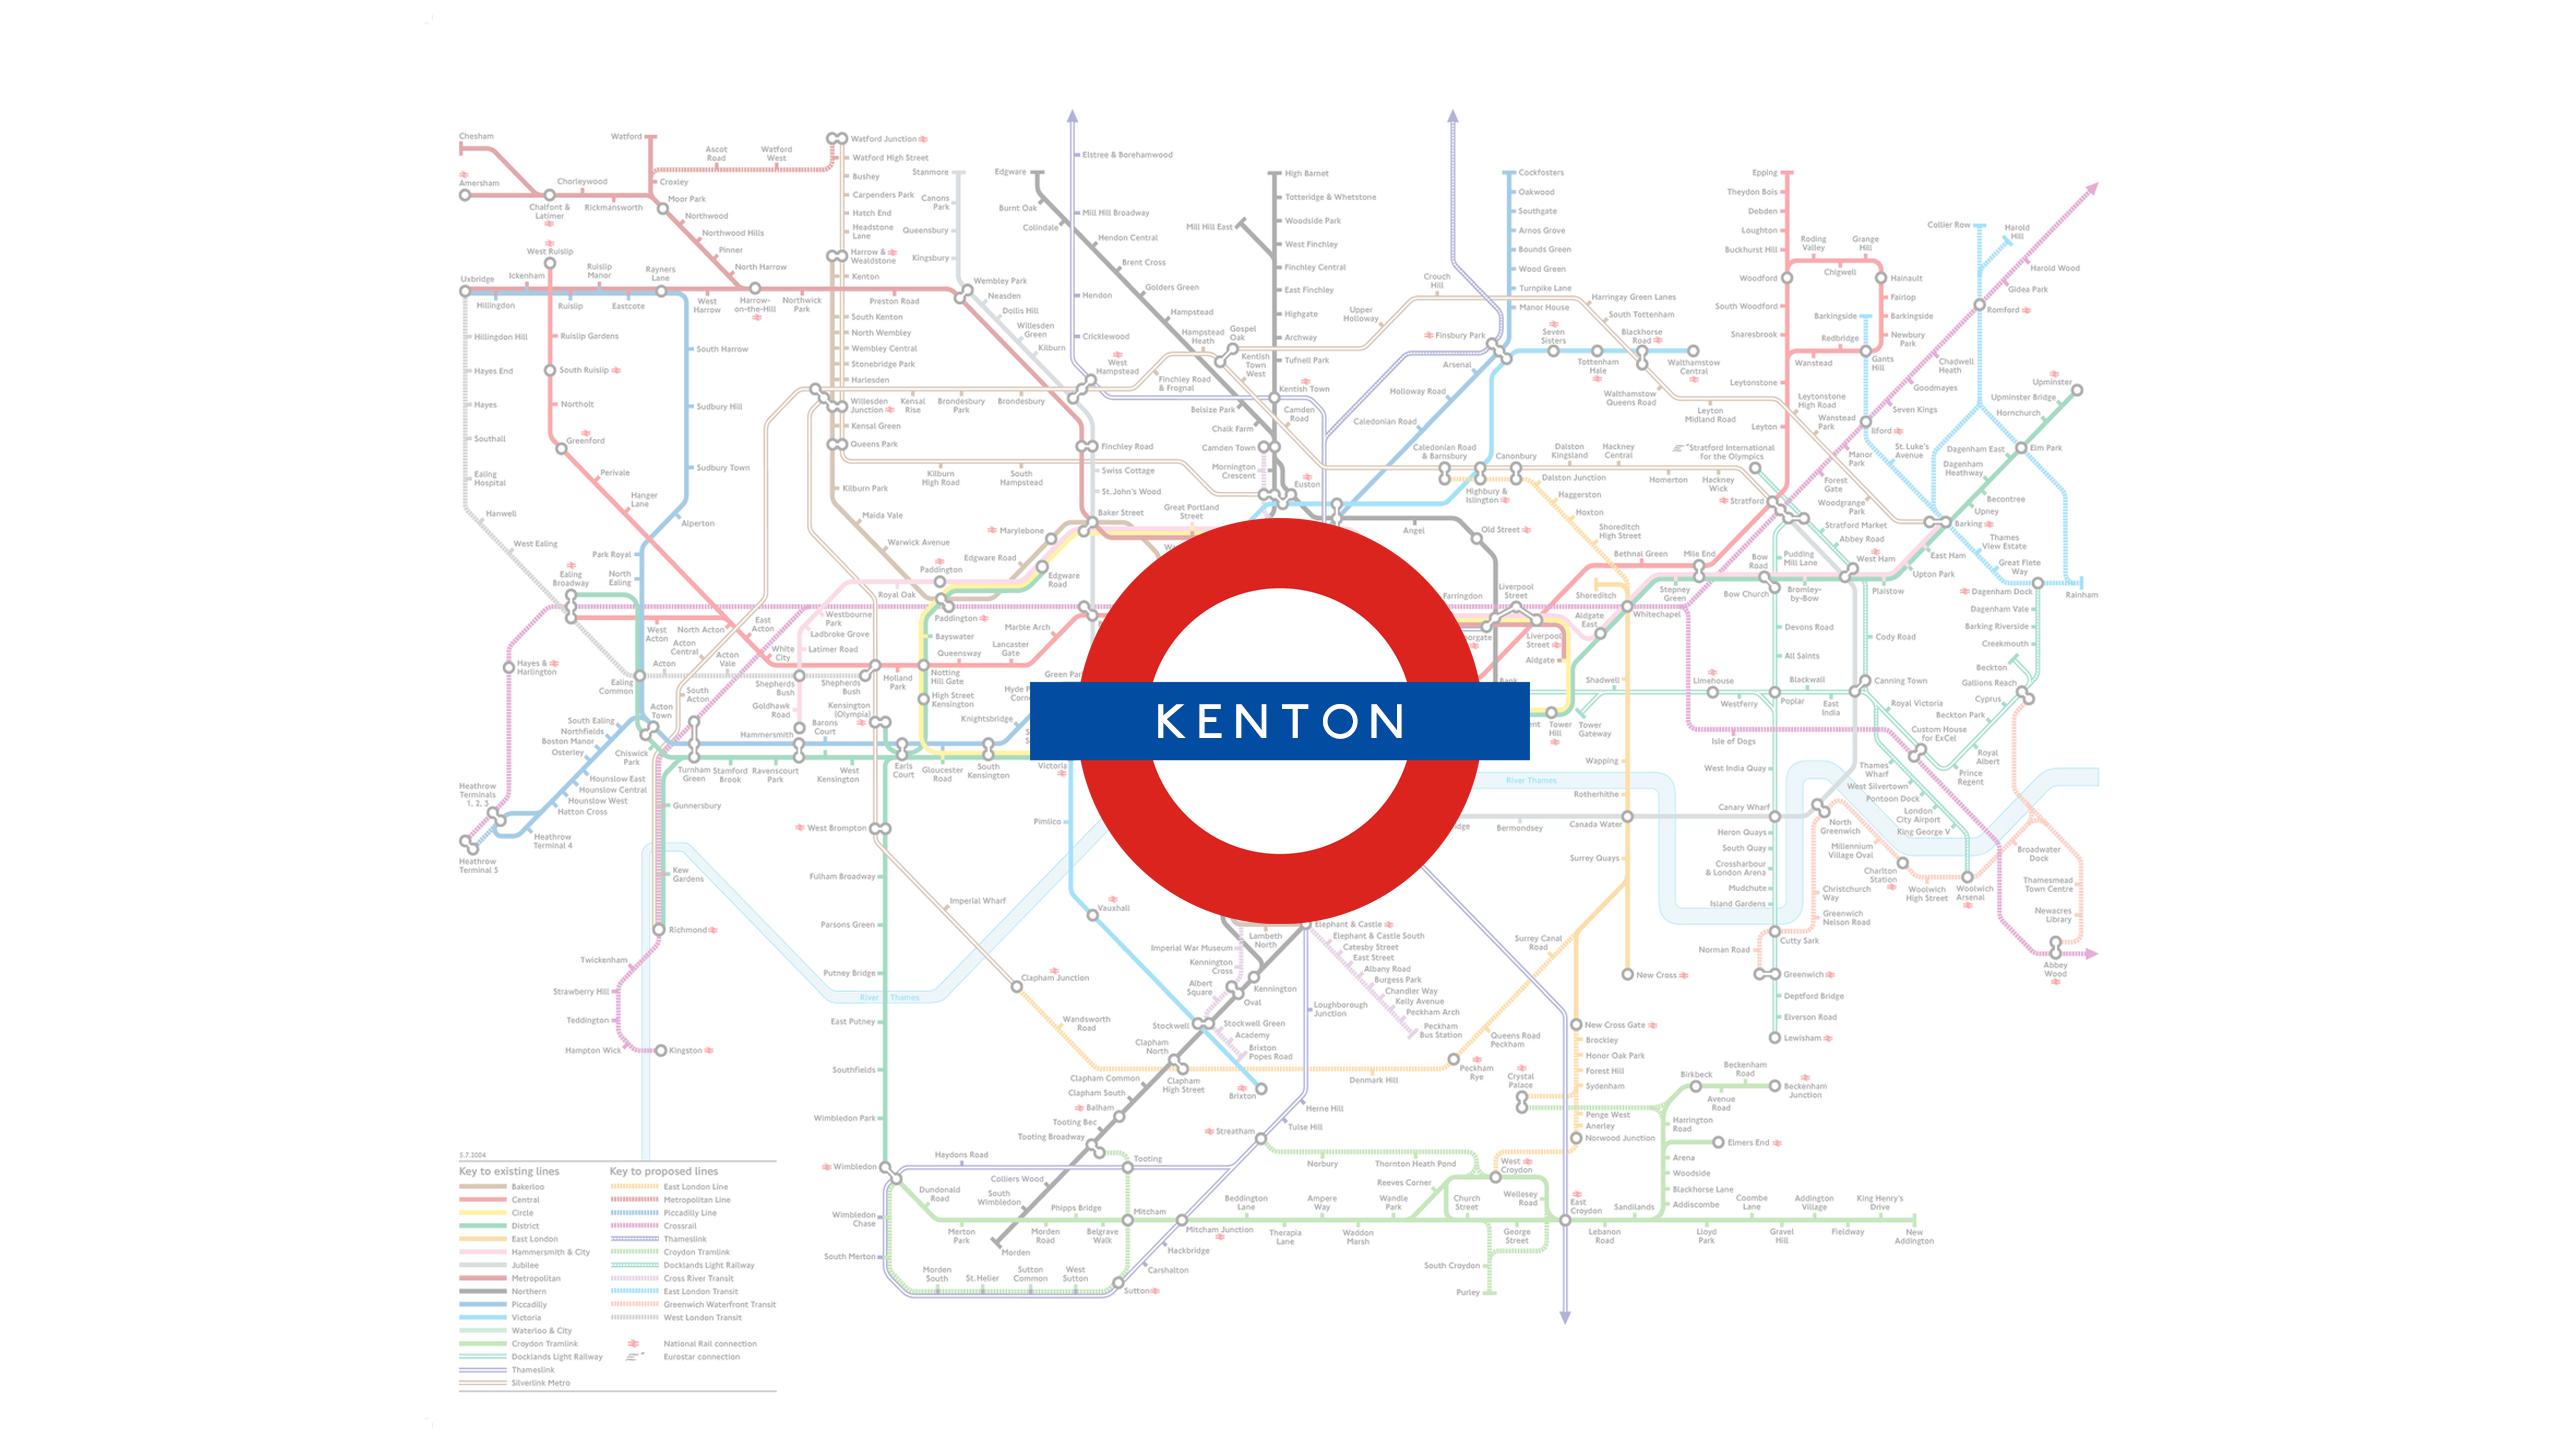 Kenton (Map)